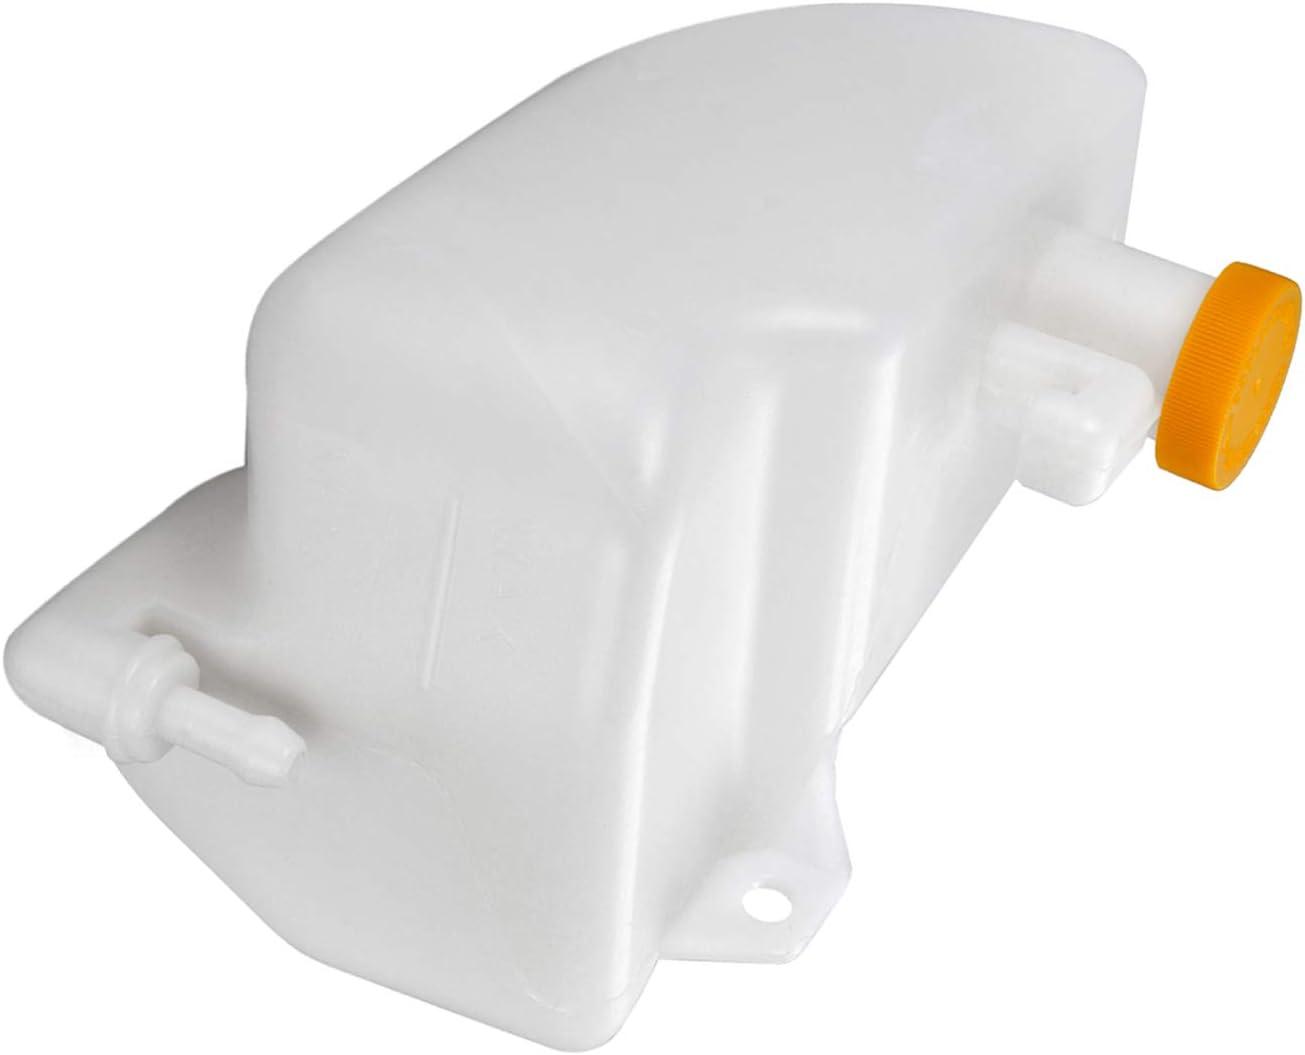 Kühlmittelbehälter Ausgleichsbehälter Kühlmittel Für Nissan Micra K12 1992 2002 Kühlmittel Ausgleichsbehälter Mit Deckel 21710 43b01 Rich Car Baumarkt